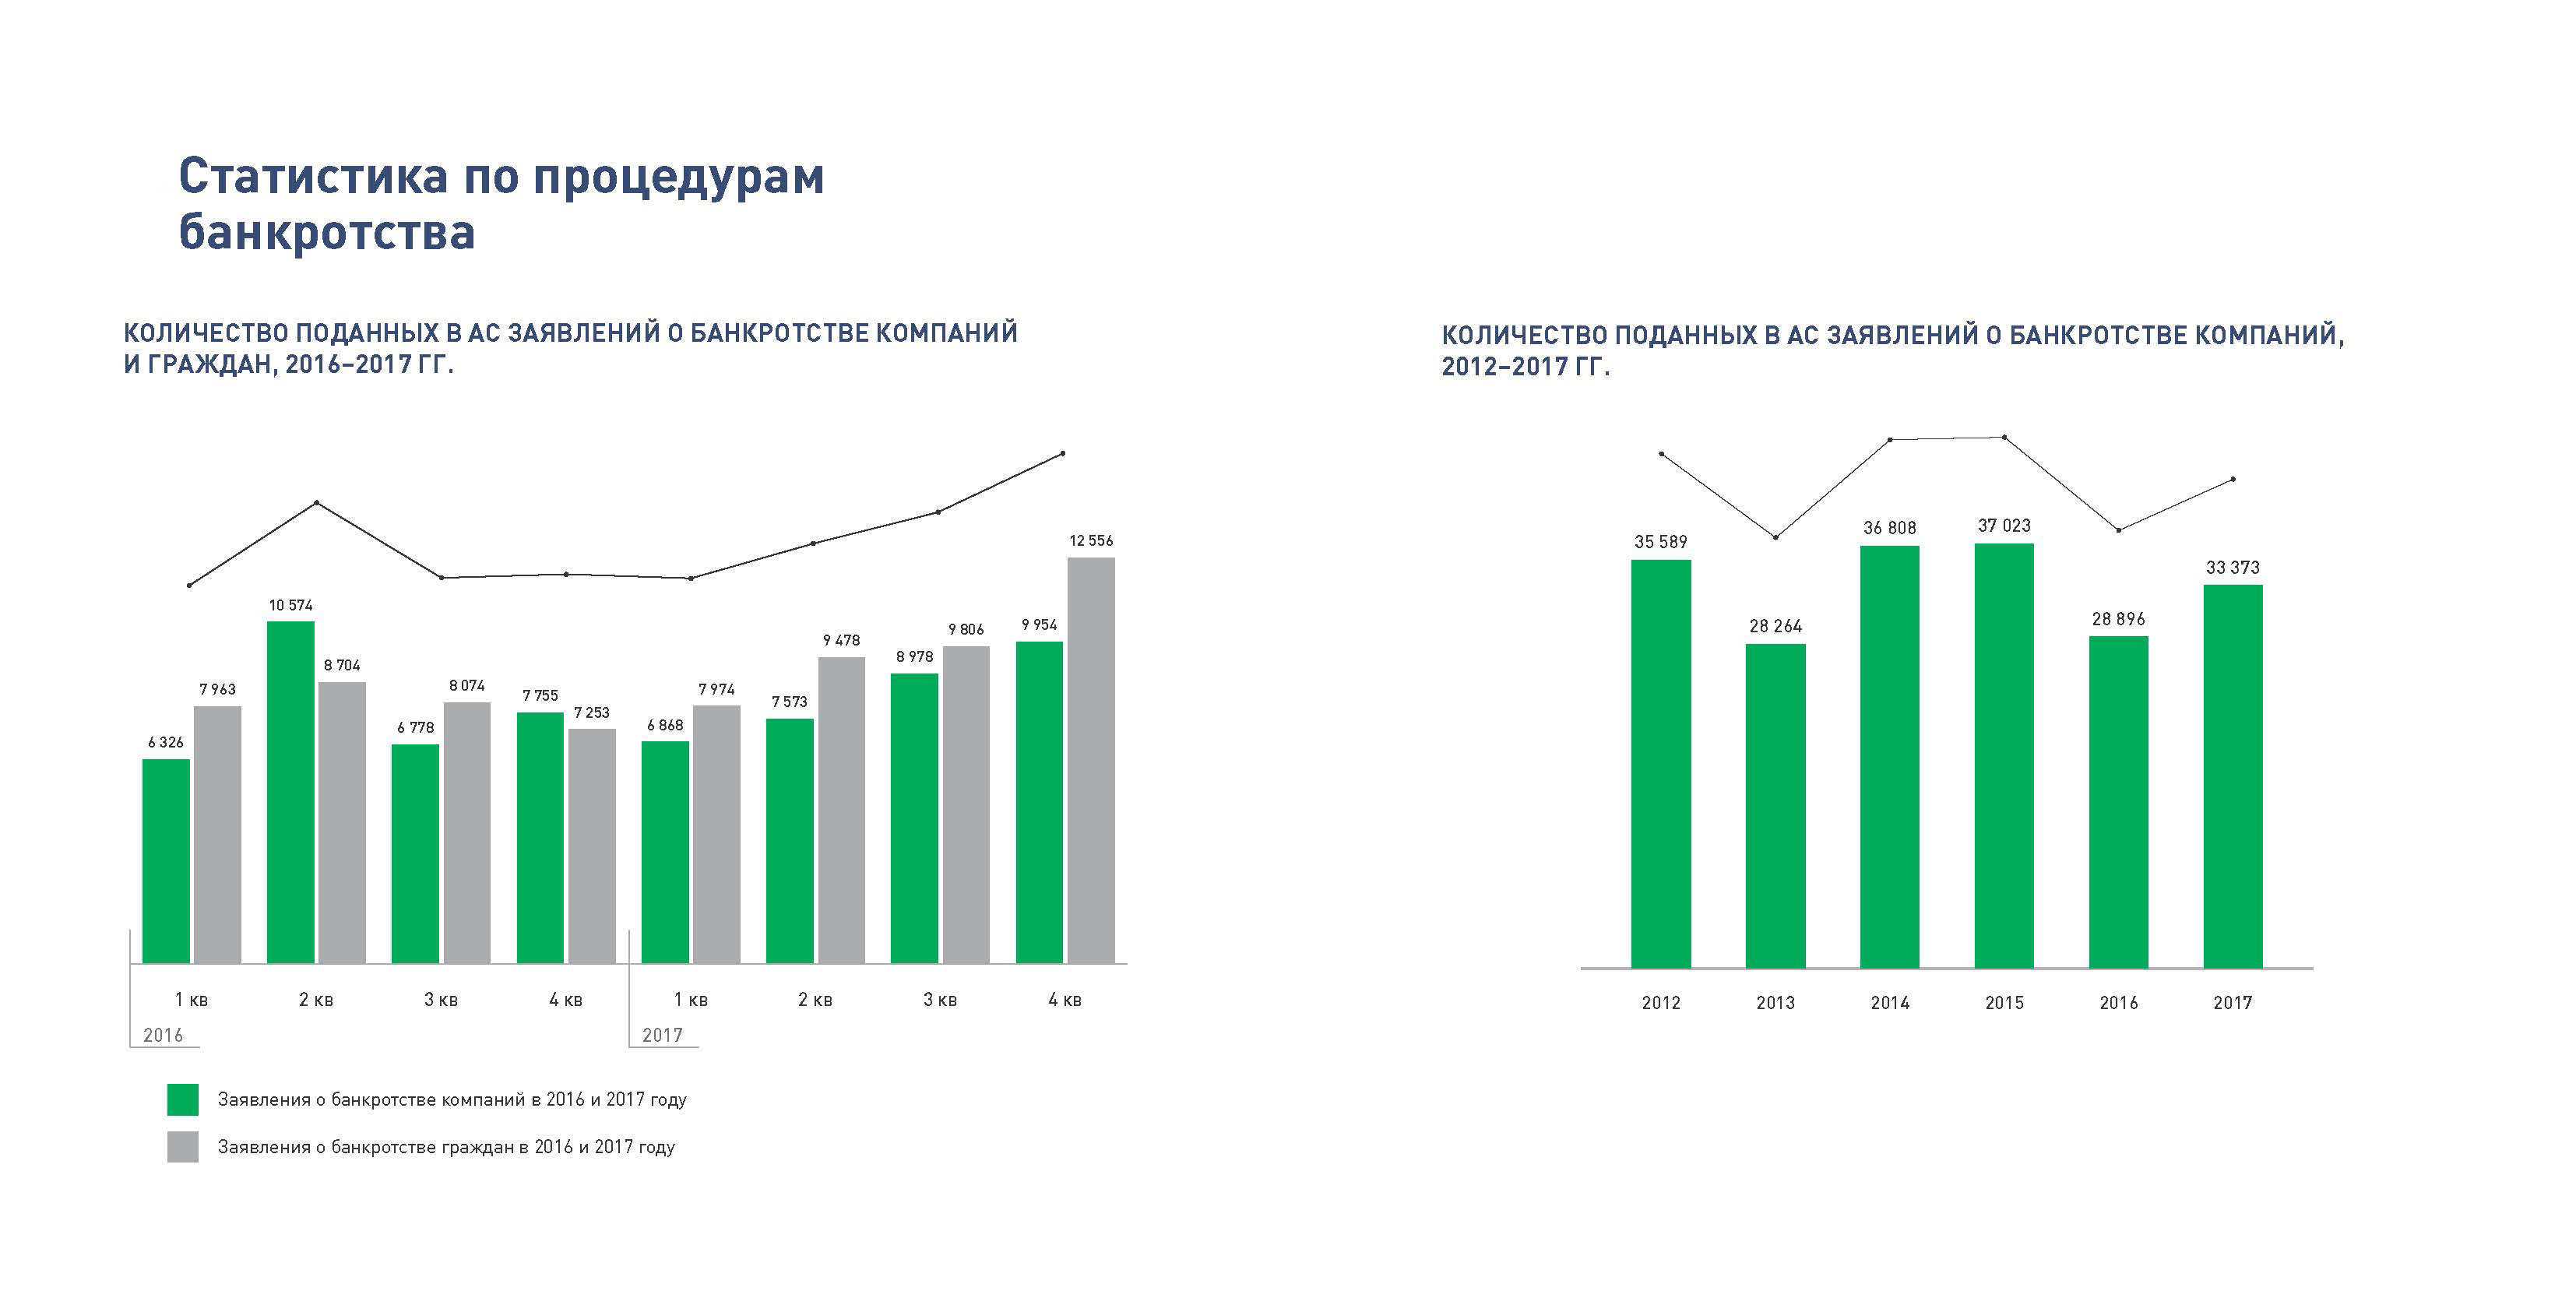 вывод активов перед банкротством 2016